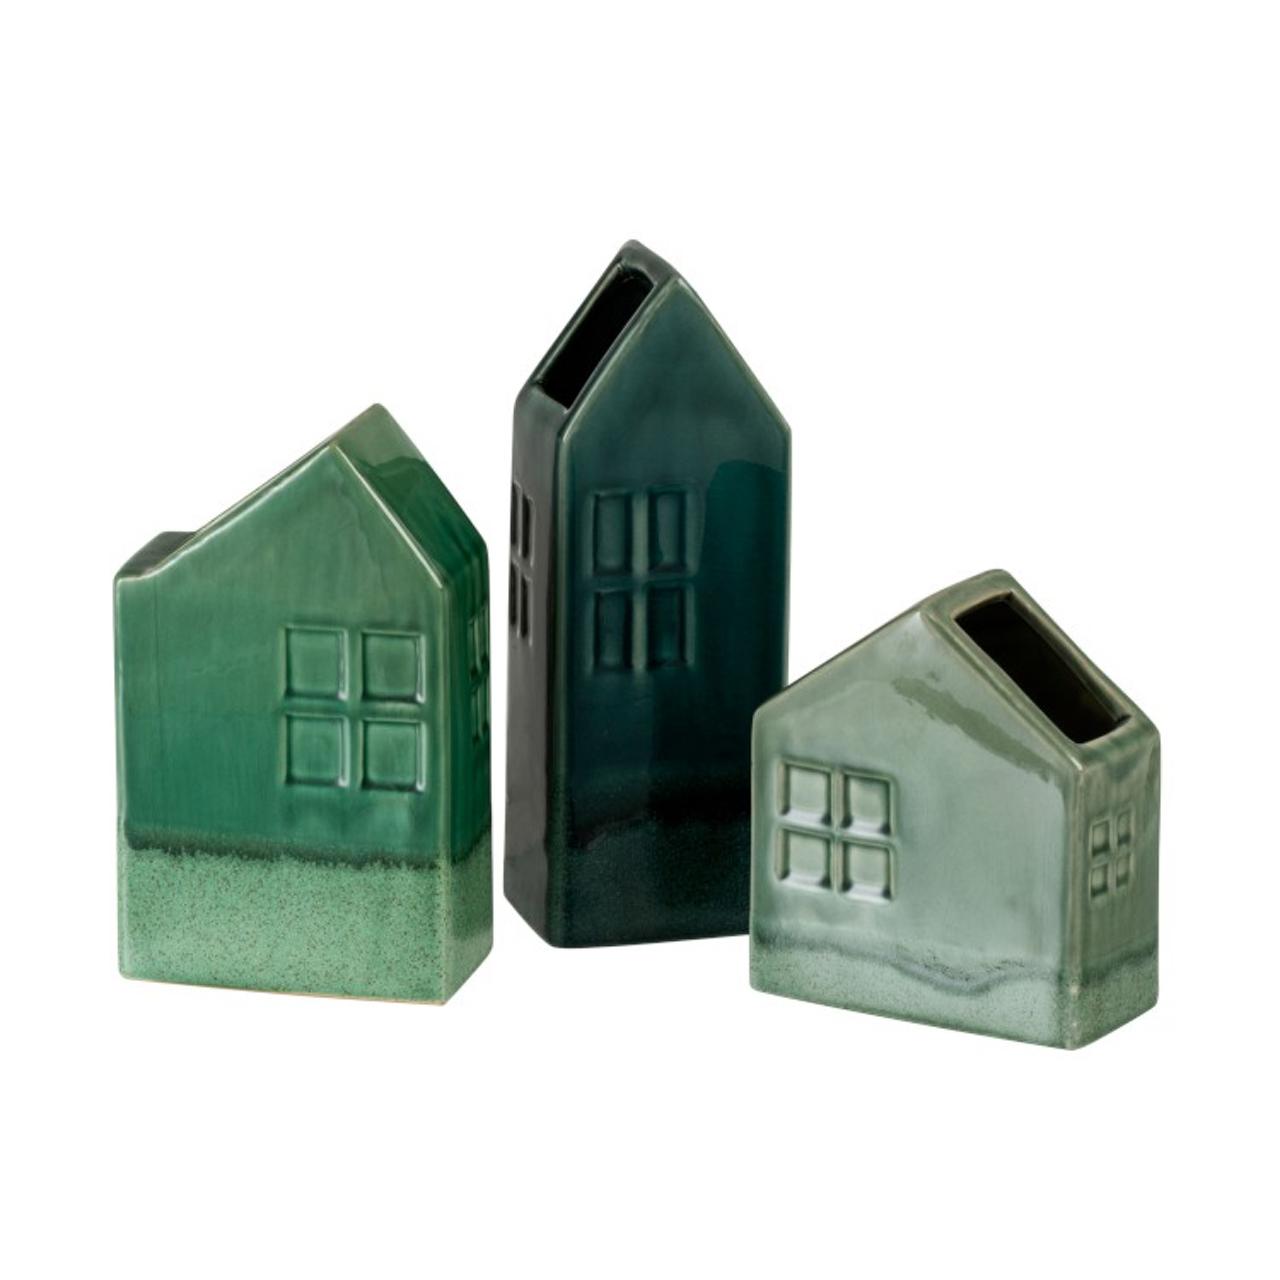 J-line Vaas huis aardewerk groen (13x7x21cm)-90028-5415203900289